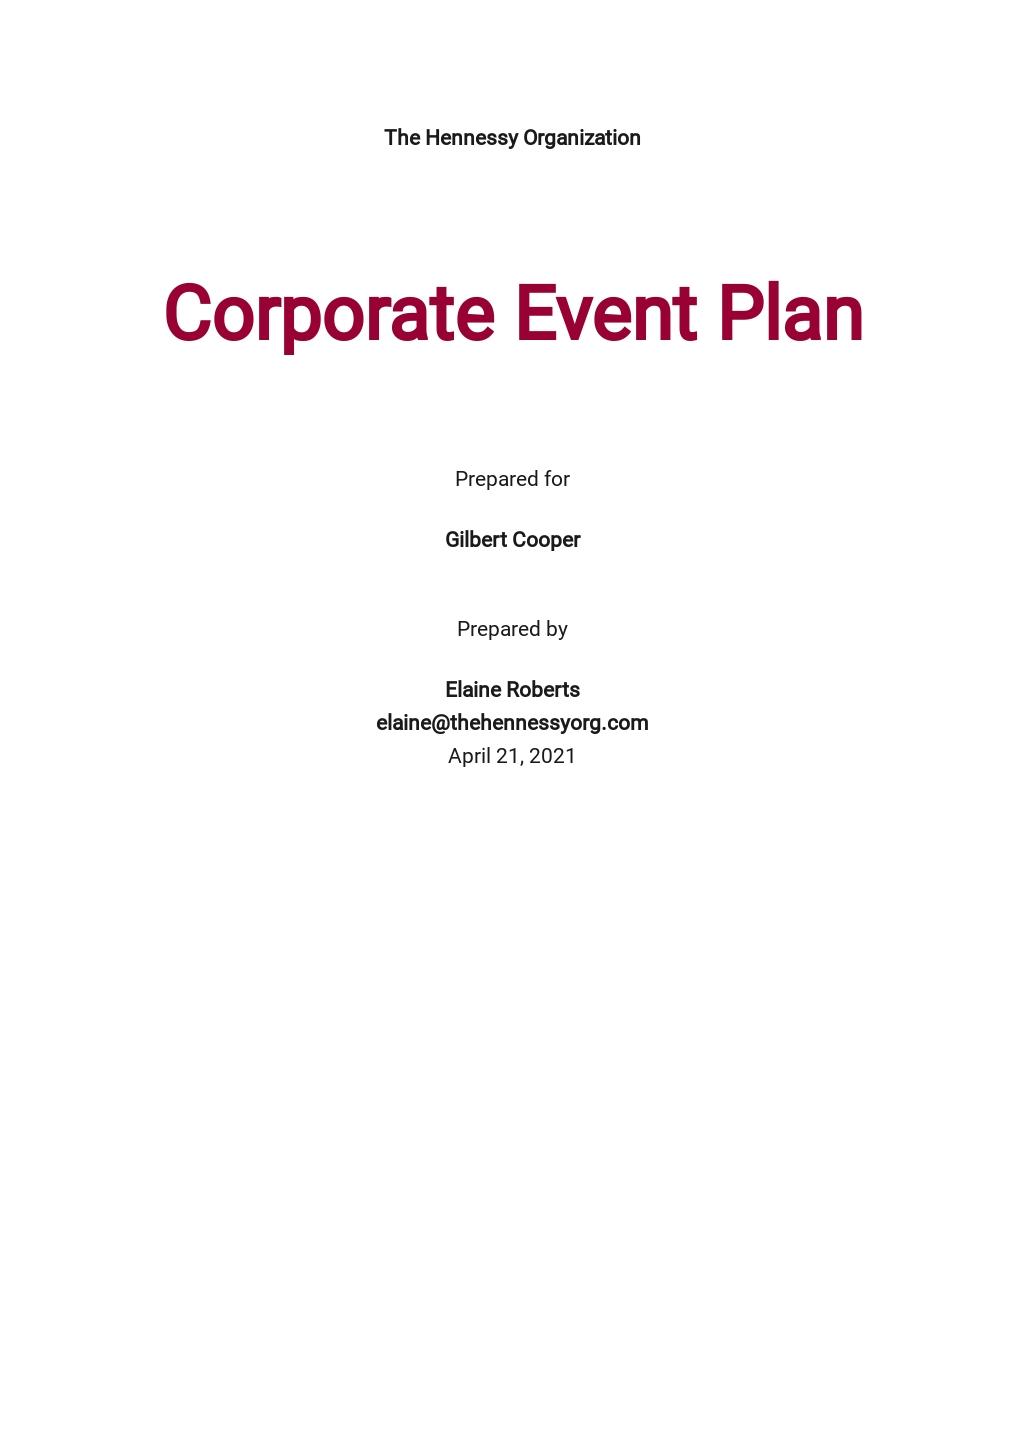 Corporate Event Plan Template.jpe